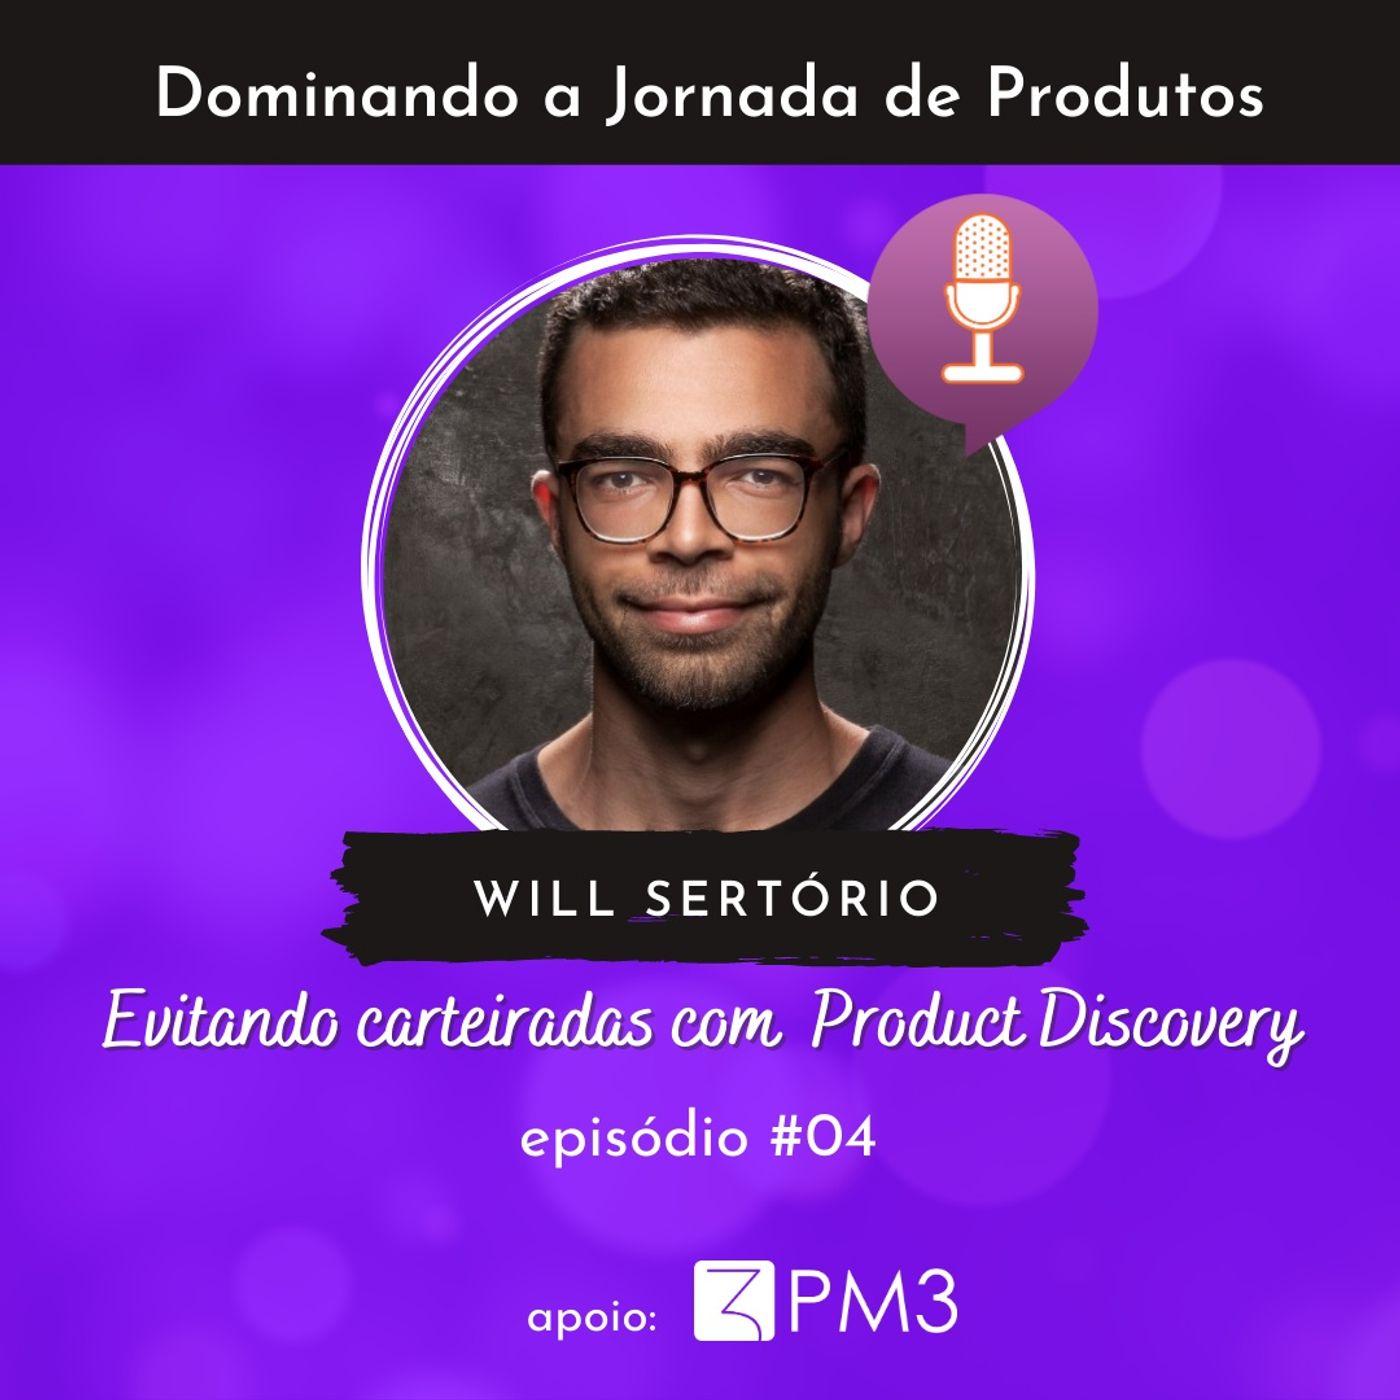 Dominando a jornada de produtos #04 - Evitando carteiradas com Product Discovery c/ Will Sertório